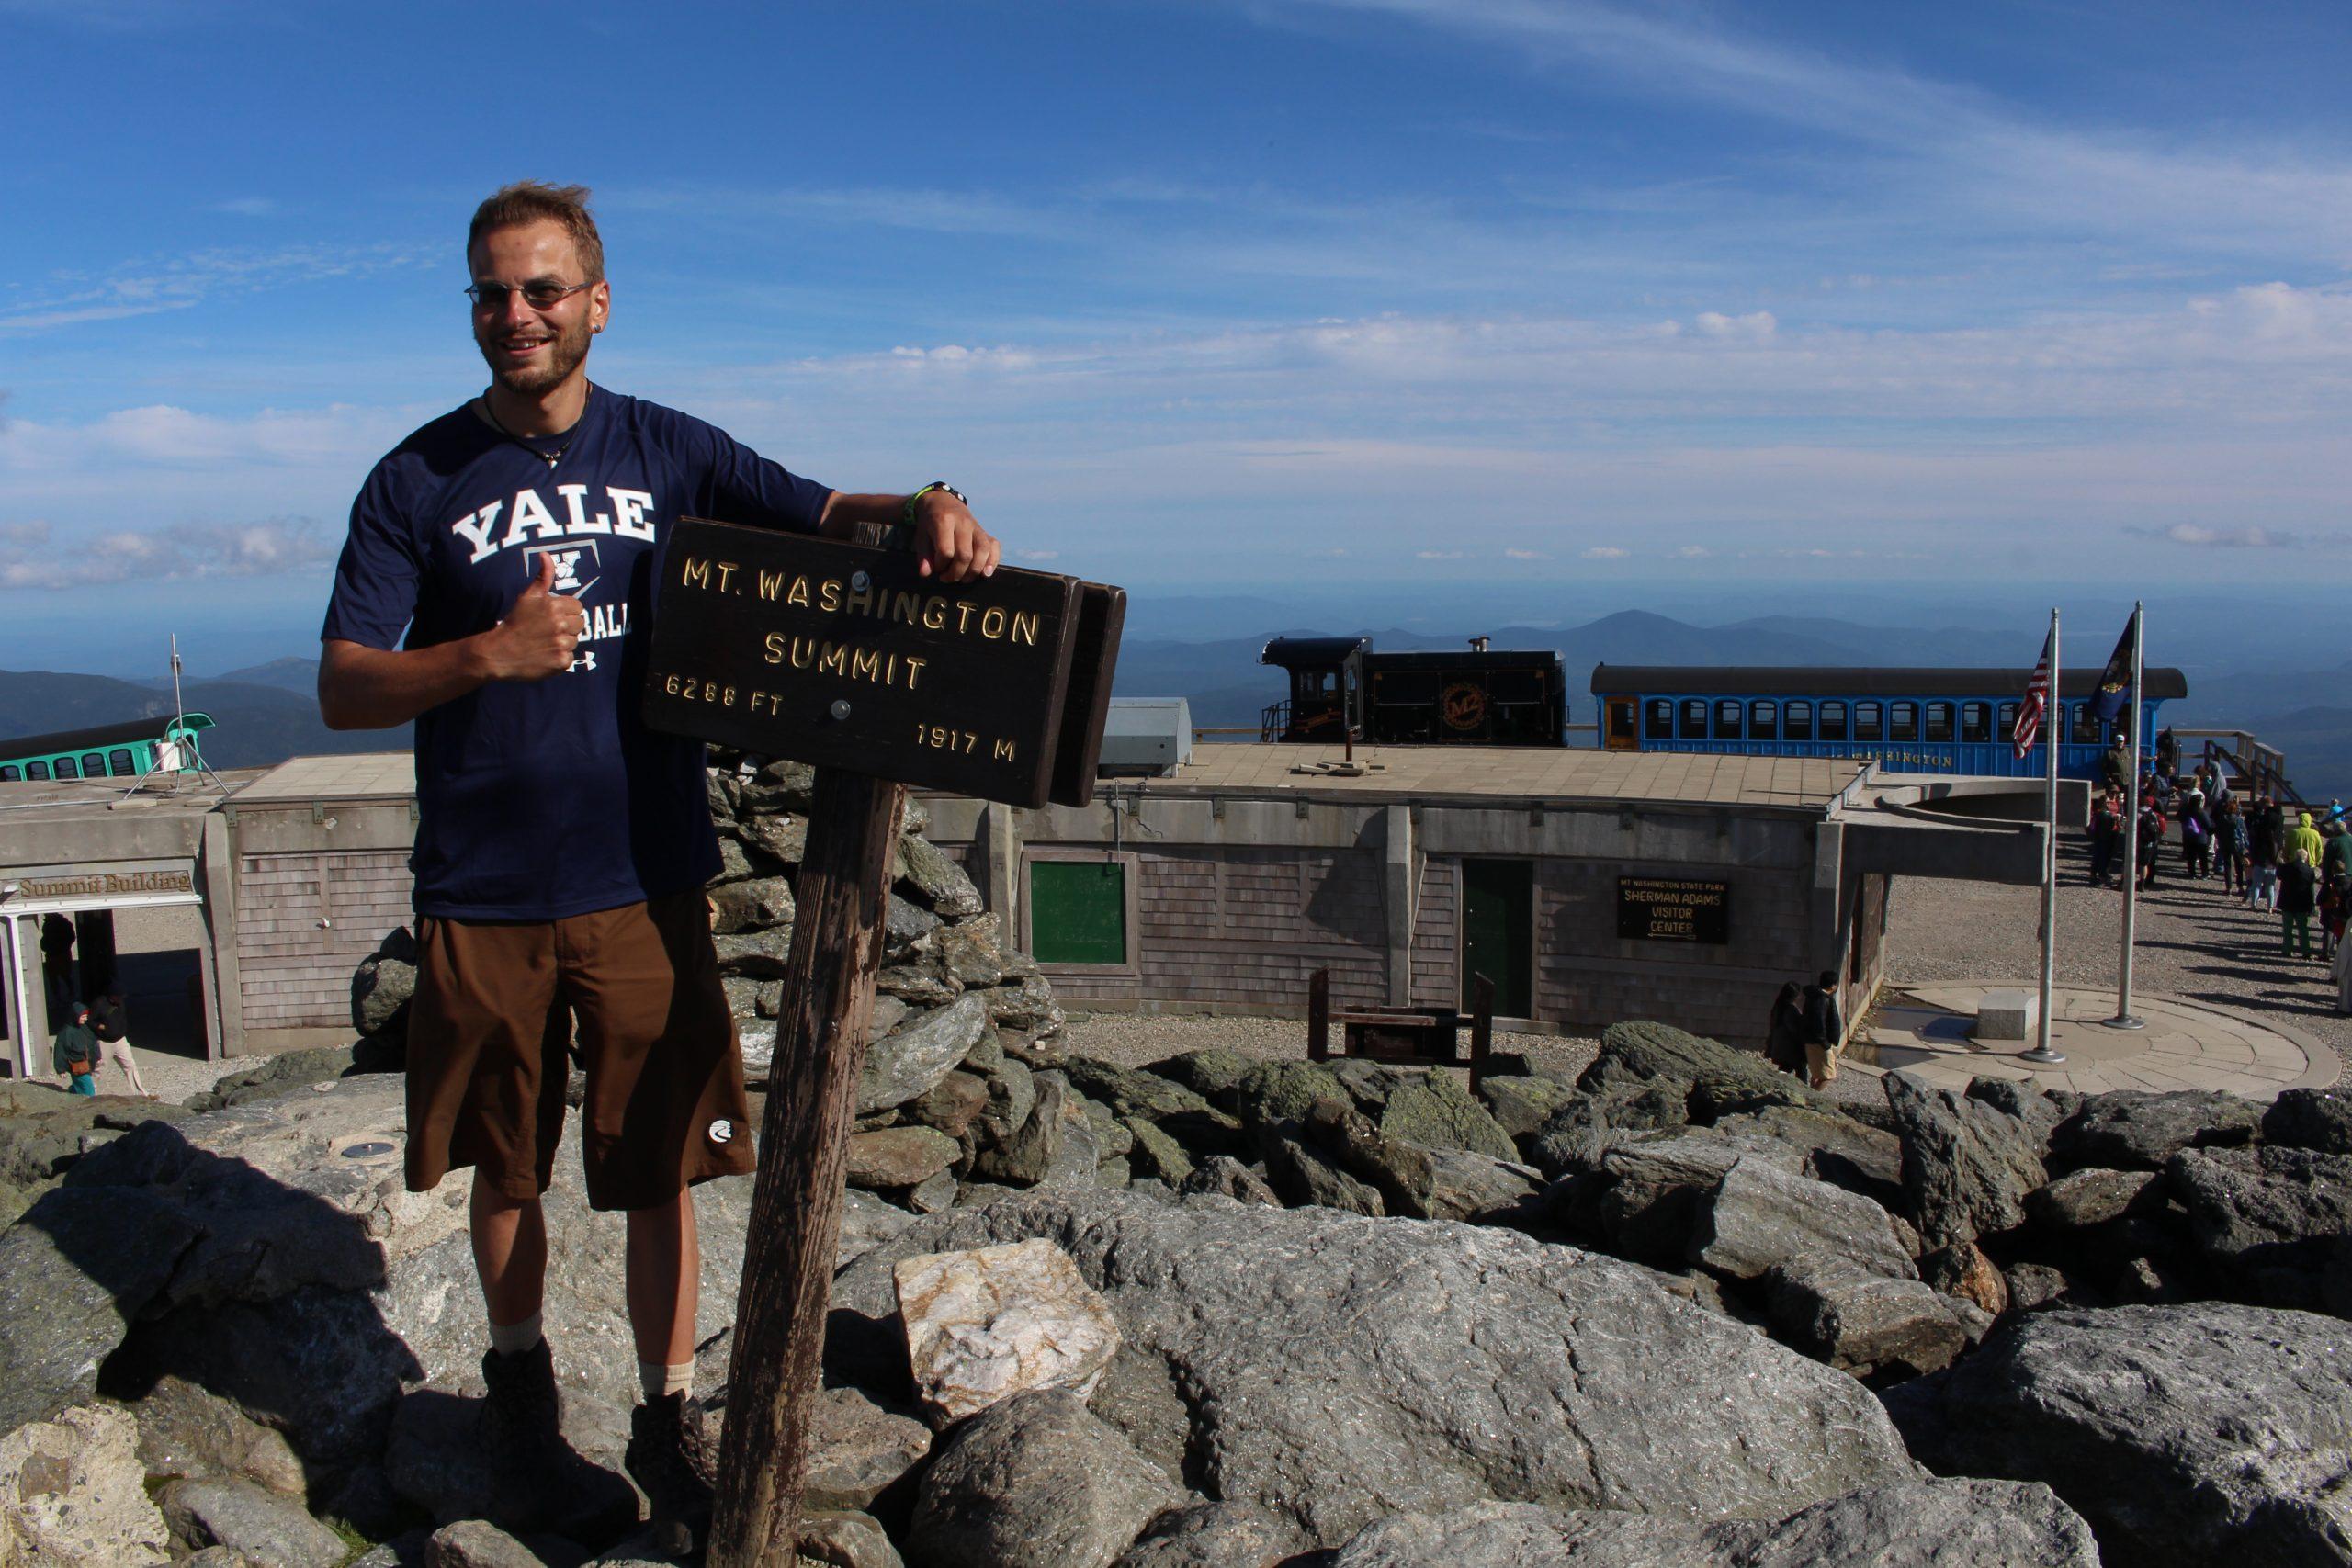 Mt. Washington bezwungen